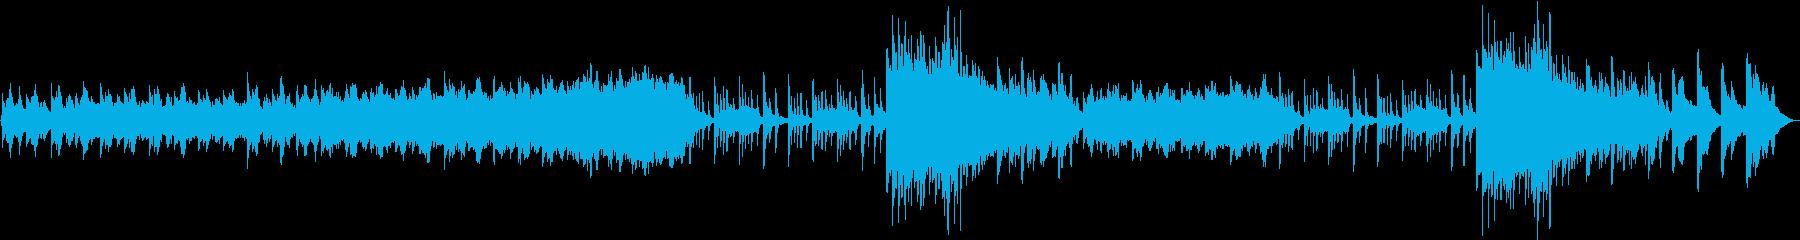 ピアノメインのBGMの再生済みの波形